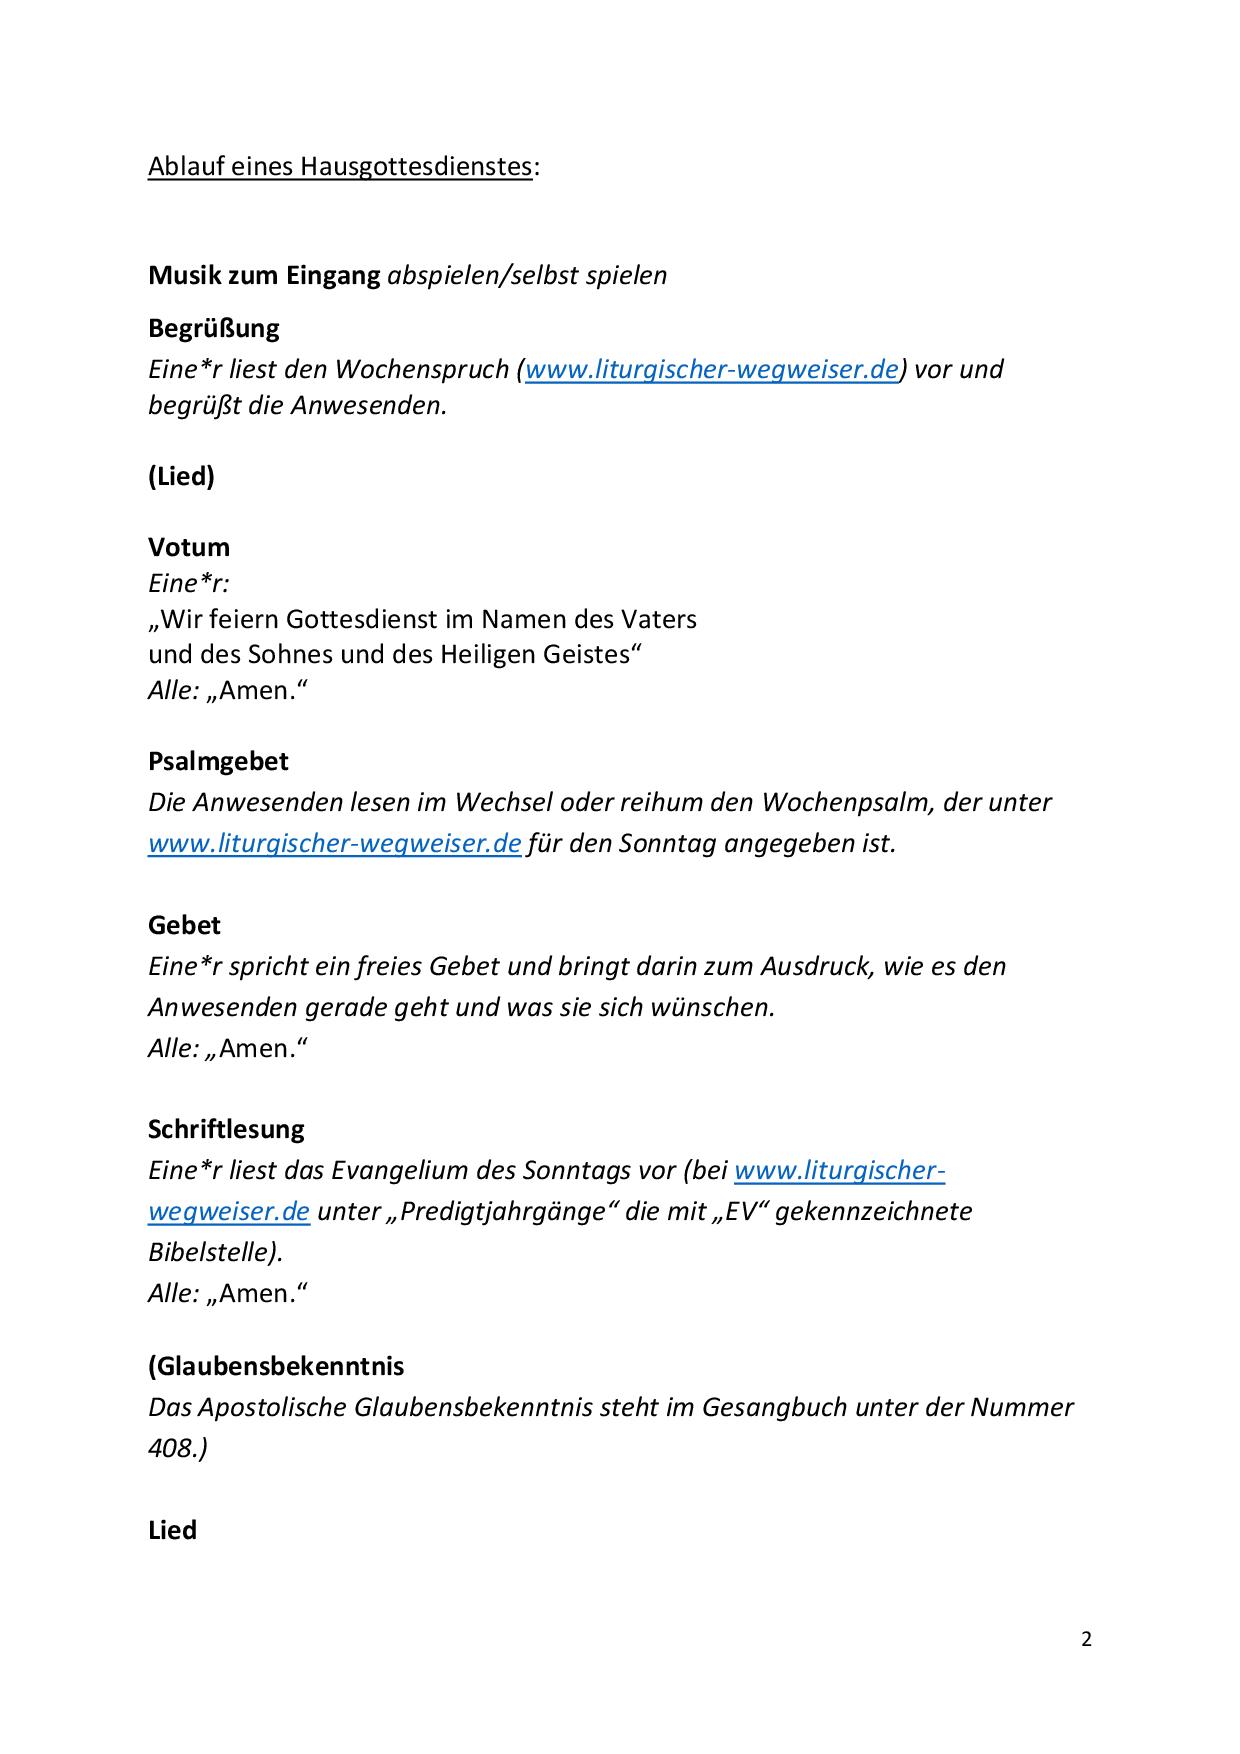 5e71e450ce736Gottesdienst in Zeiten des Coronavirus-002.png